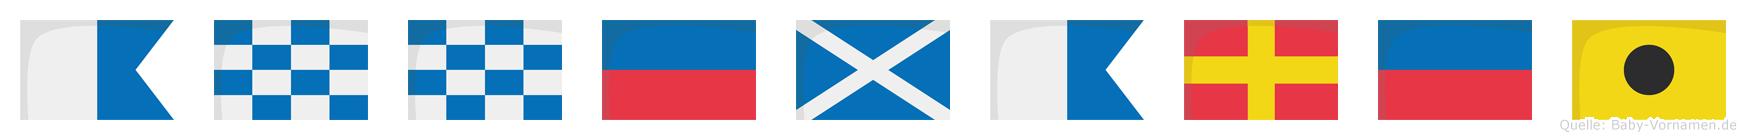 Annemarei im Flaggenalphabet